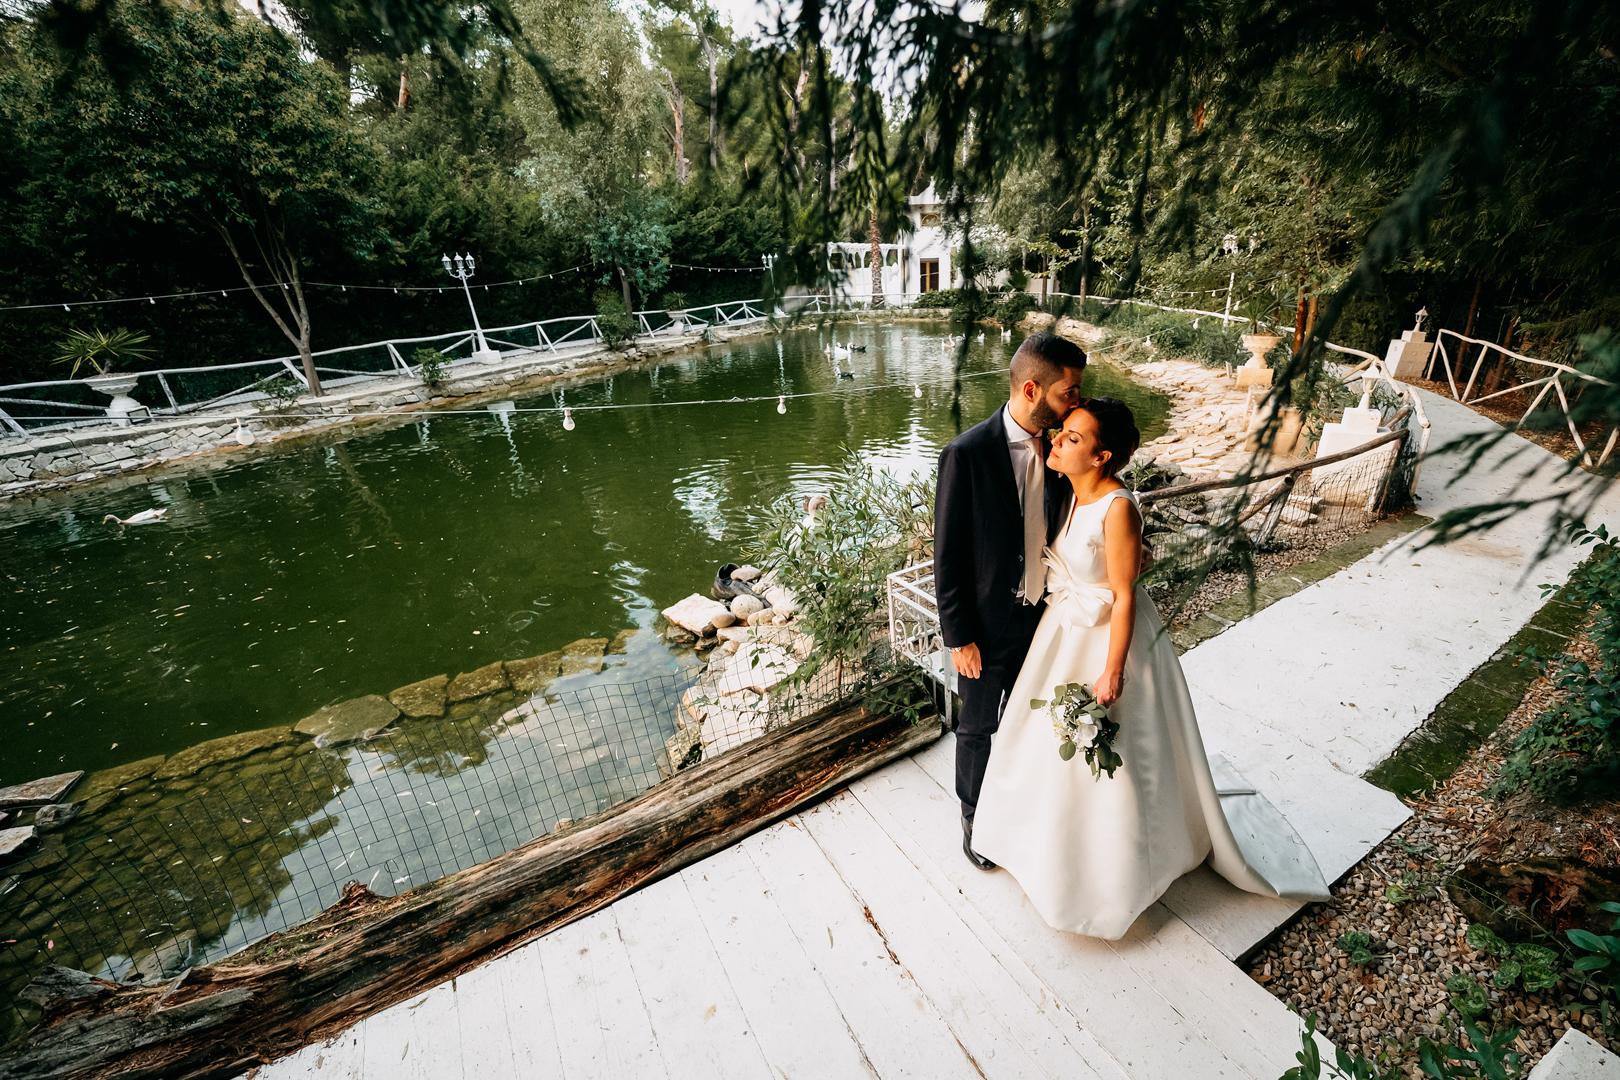 74 gianni-lepore-laghetto-matrimonio-incoronata